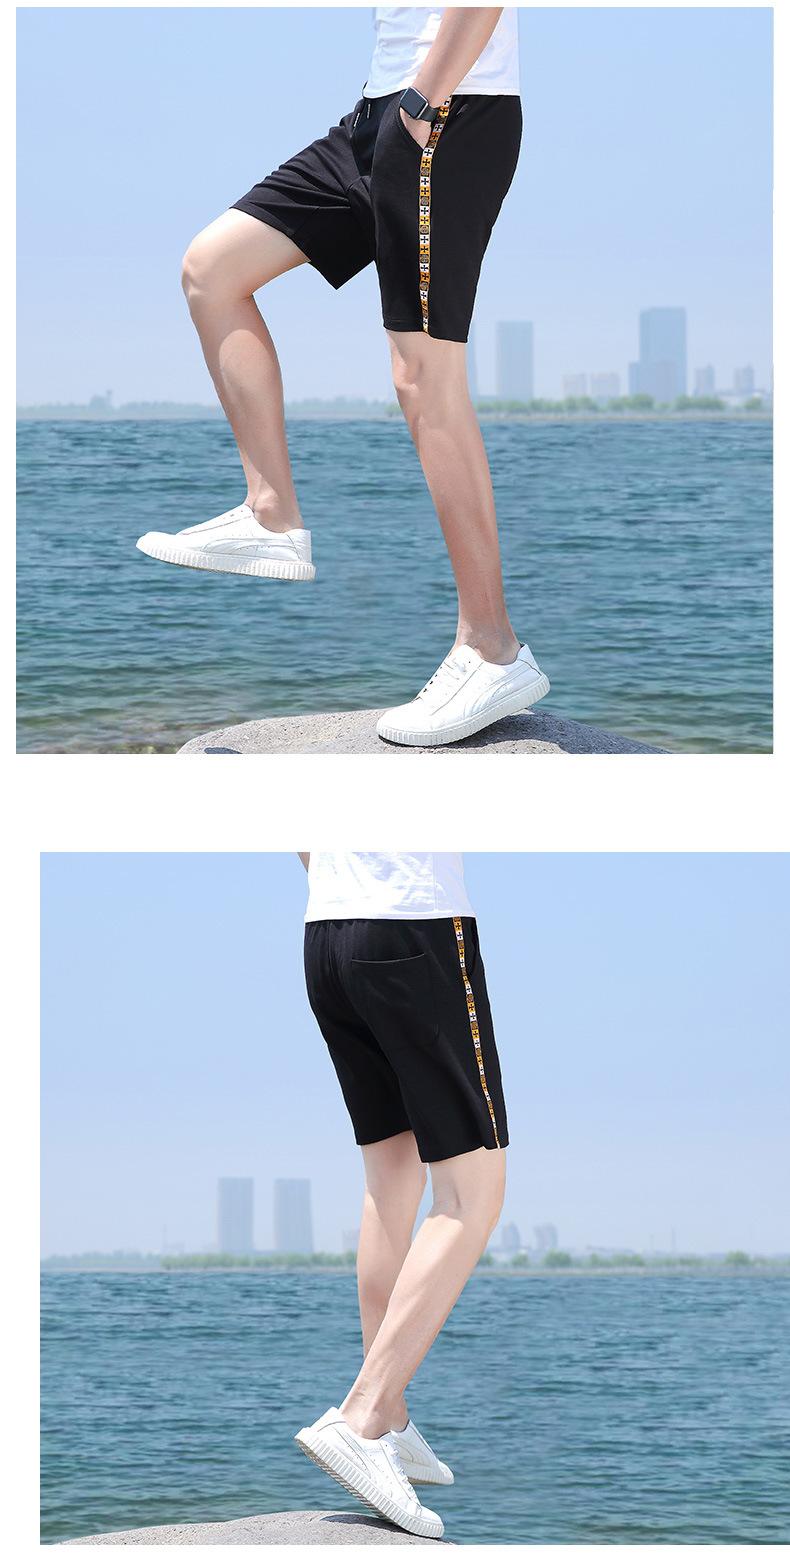 夏季男士短裤 中国风运动速干弹力沙滩裤 透气修身五分裤示例图15